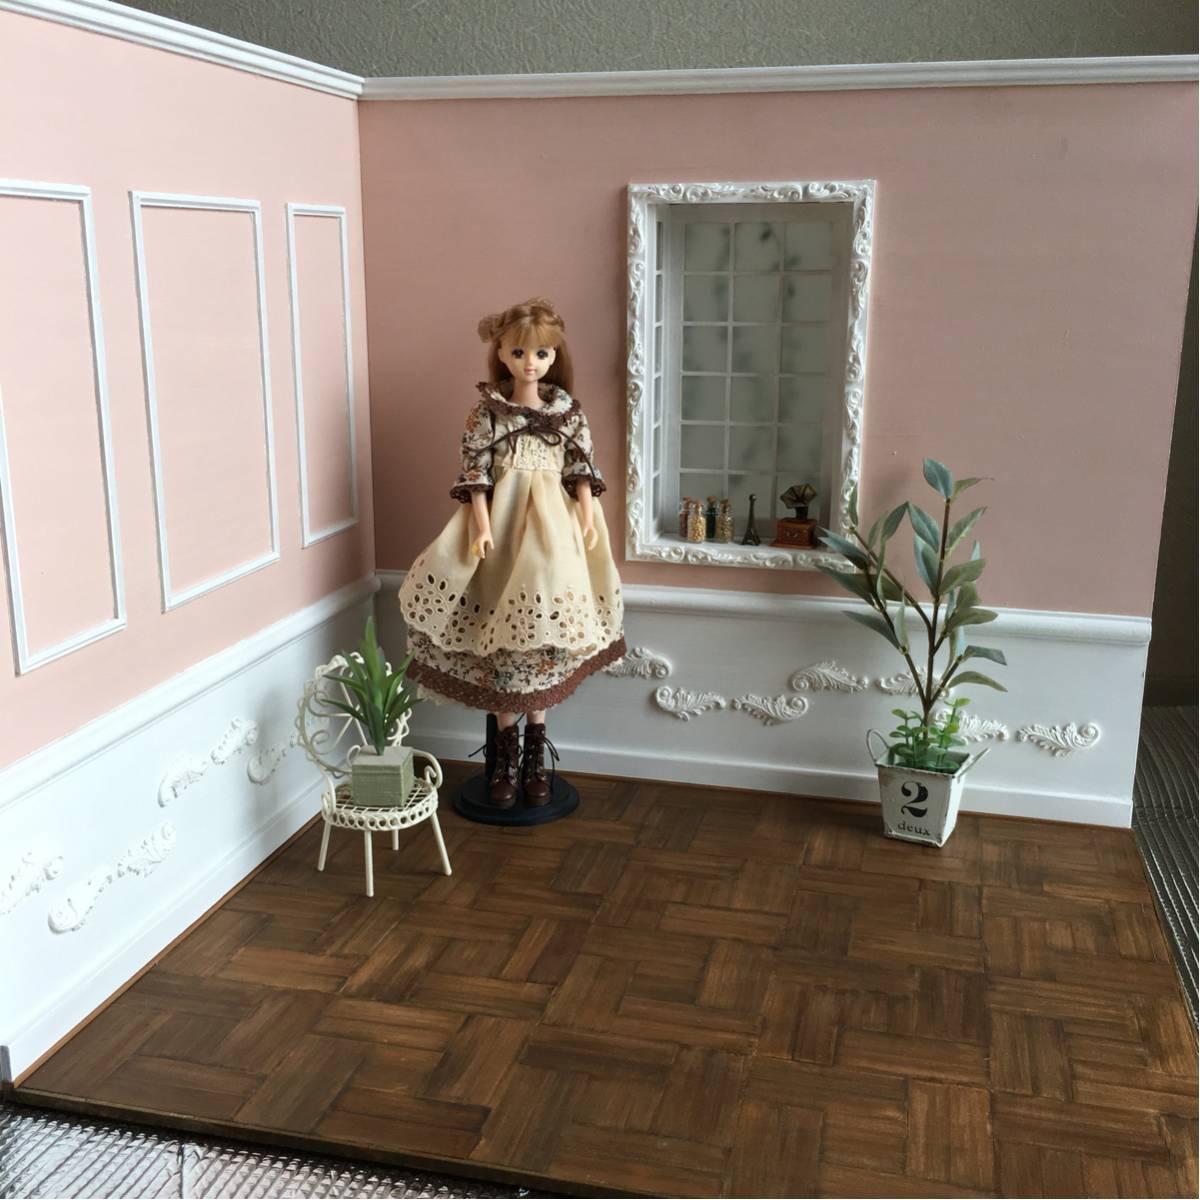 ☆【1/6サイズ Room ハドンホールフロア!】組立・分割式!☆ドールハウス/ブライス/momoko/ジェニー/リカちゃん/ハンドメイド☆